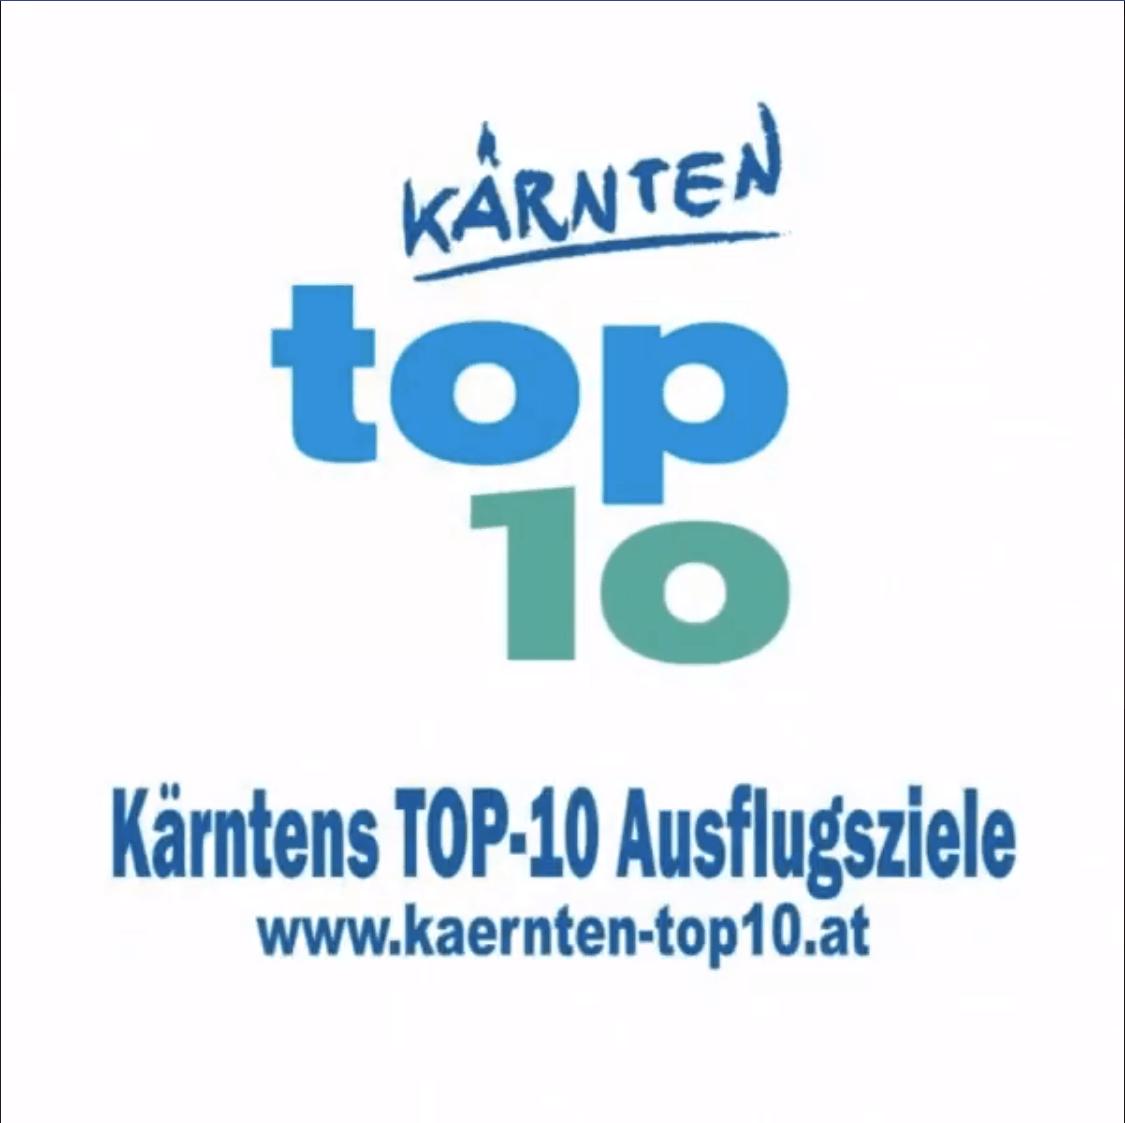 TOP Ausflugsziele & Sehenswürdigkeiten in Kärnten - Logo & Web